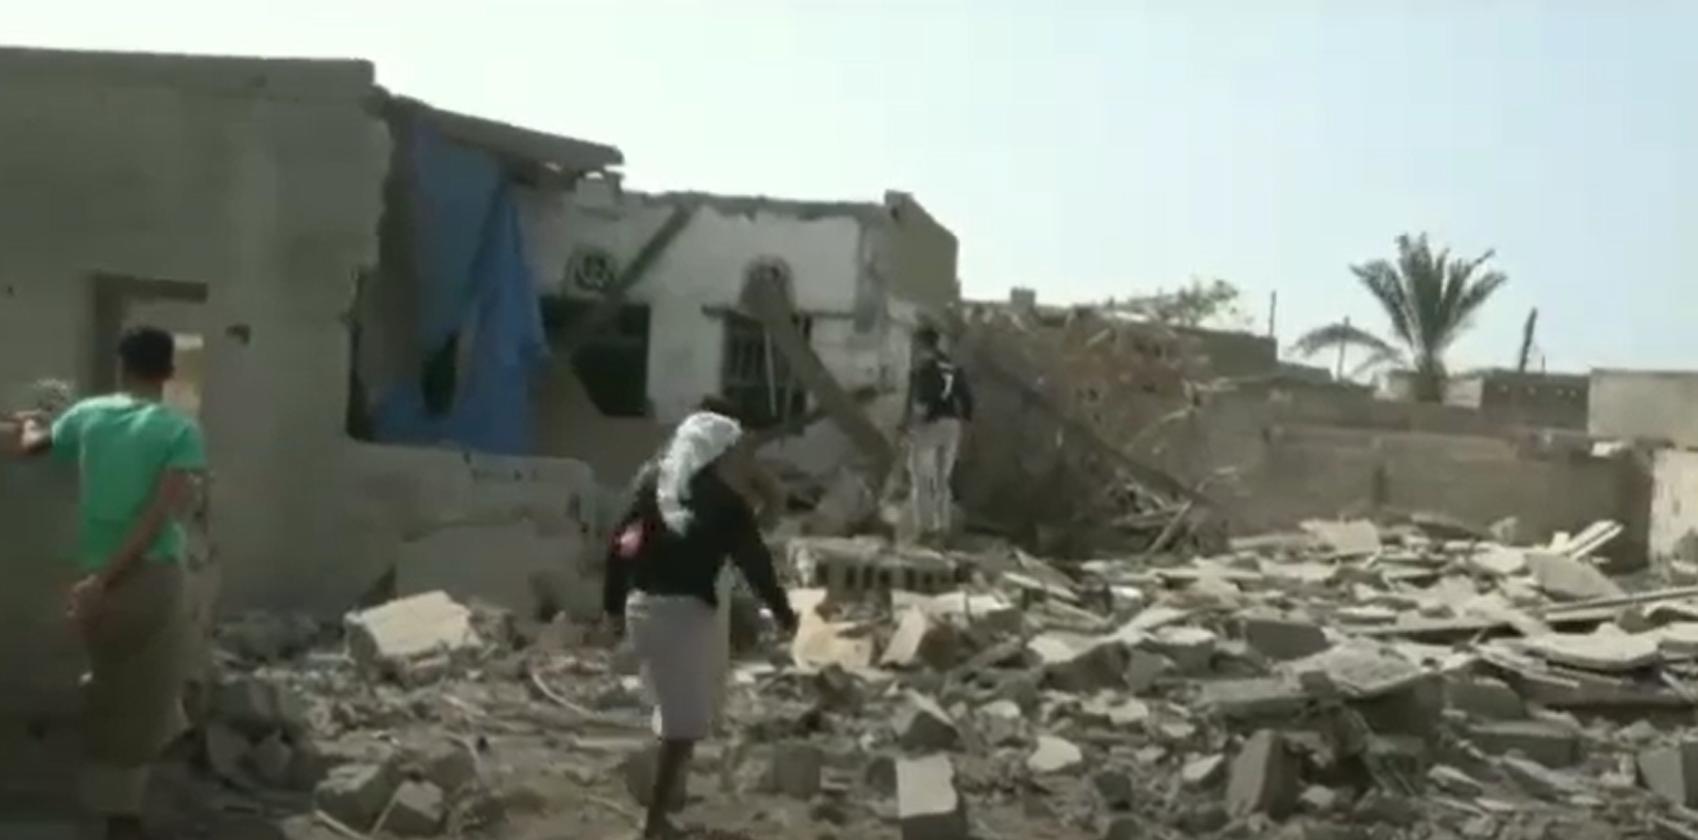 آثار الدمار الذي خلفه القصف الحوثي على حي المنظر السكني